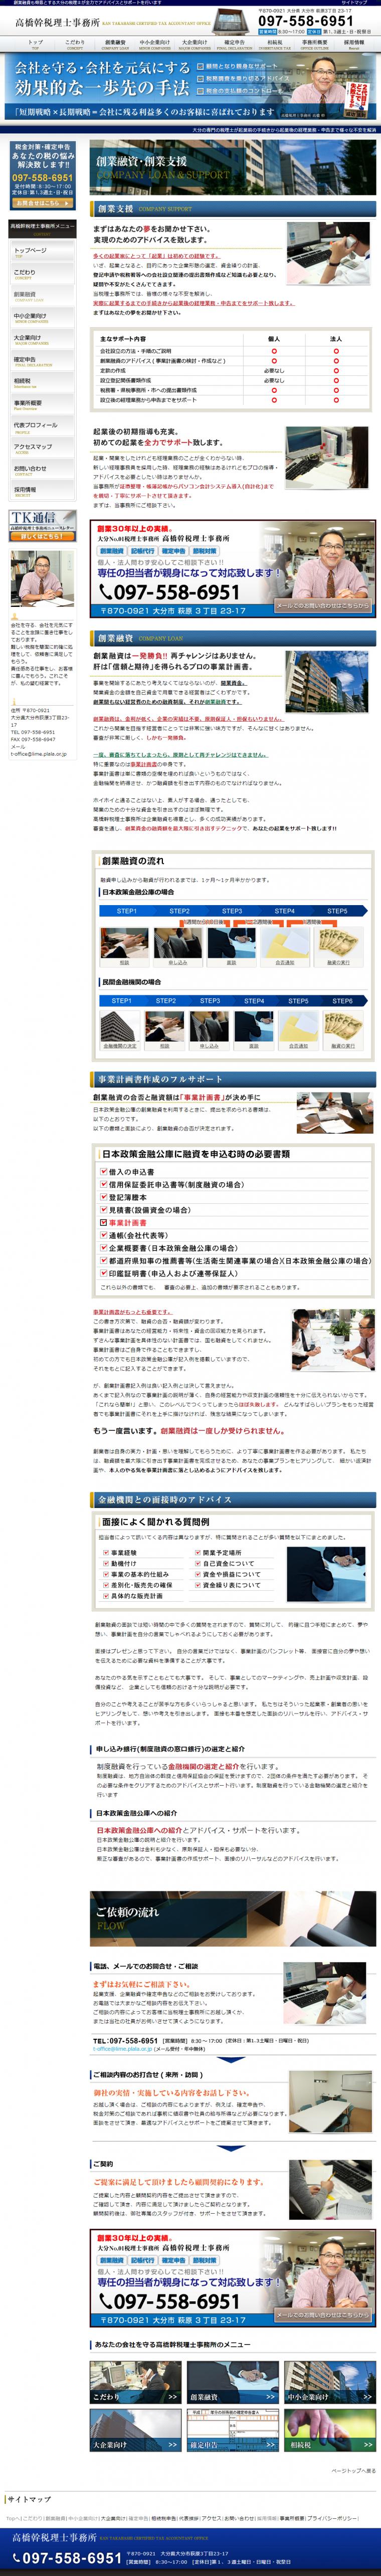 高橋幹税理士事務所